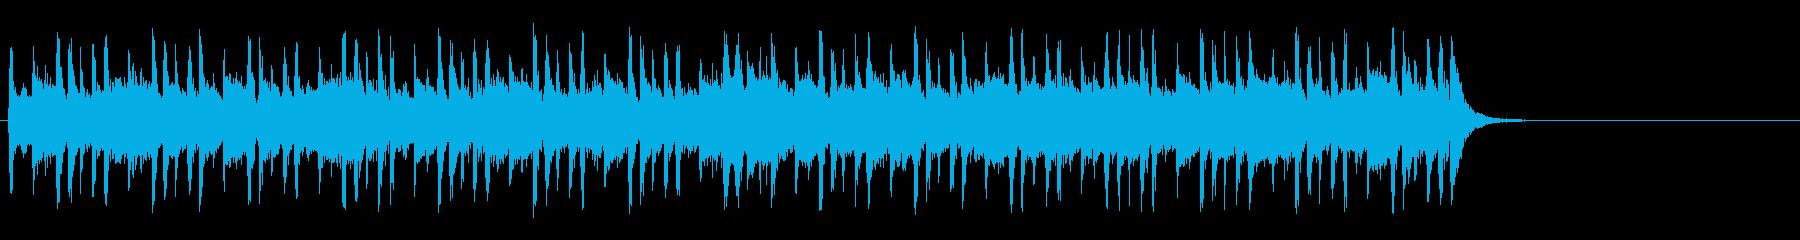 大らかな気分になるポップ(イントロ~A)の再生済みの波形